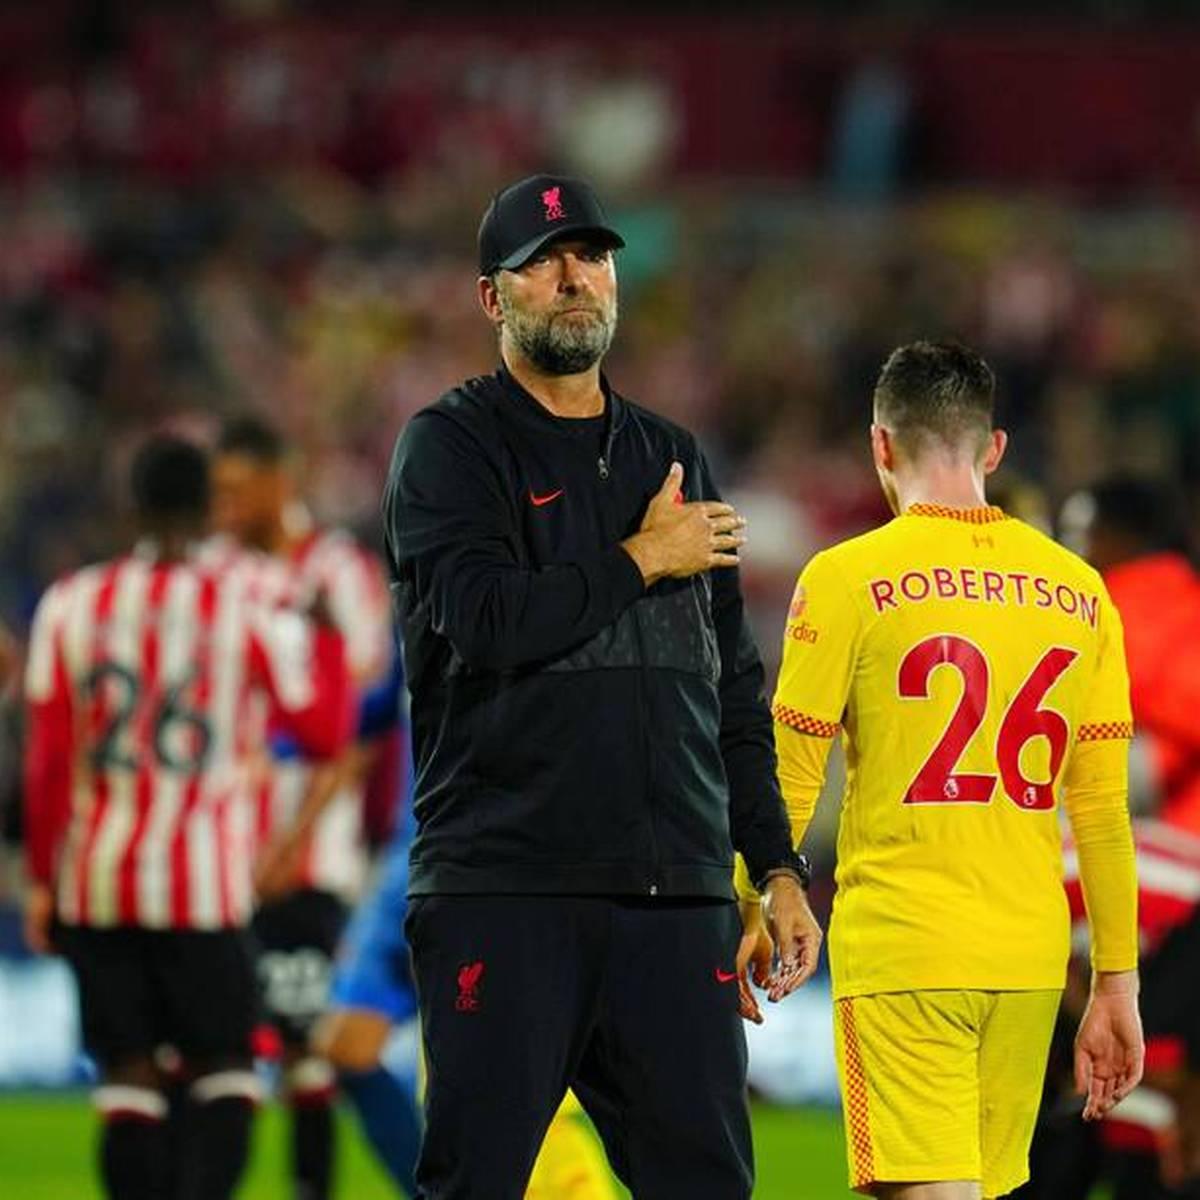 Torspektakel! Liverpool patzt bei Aufsteiger